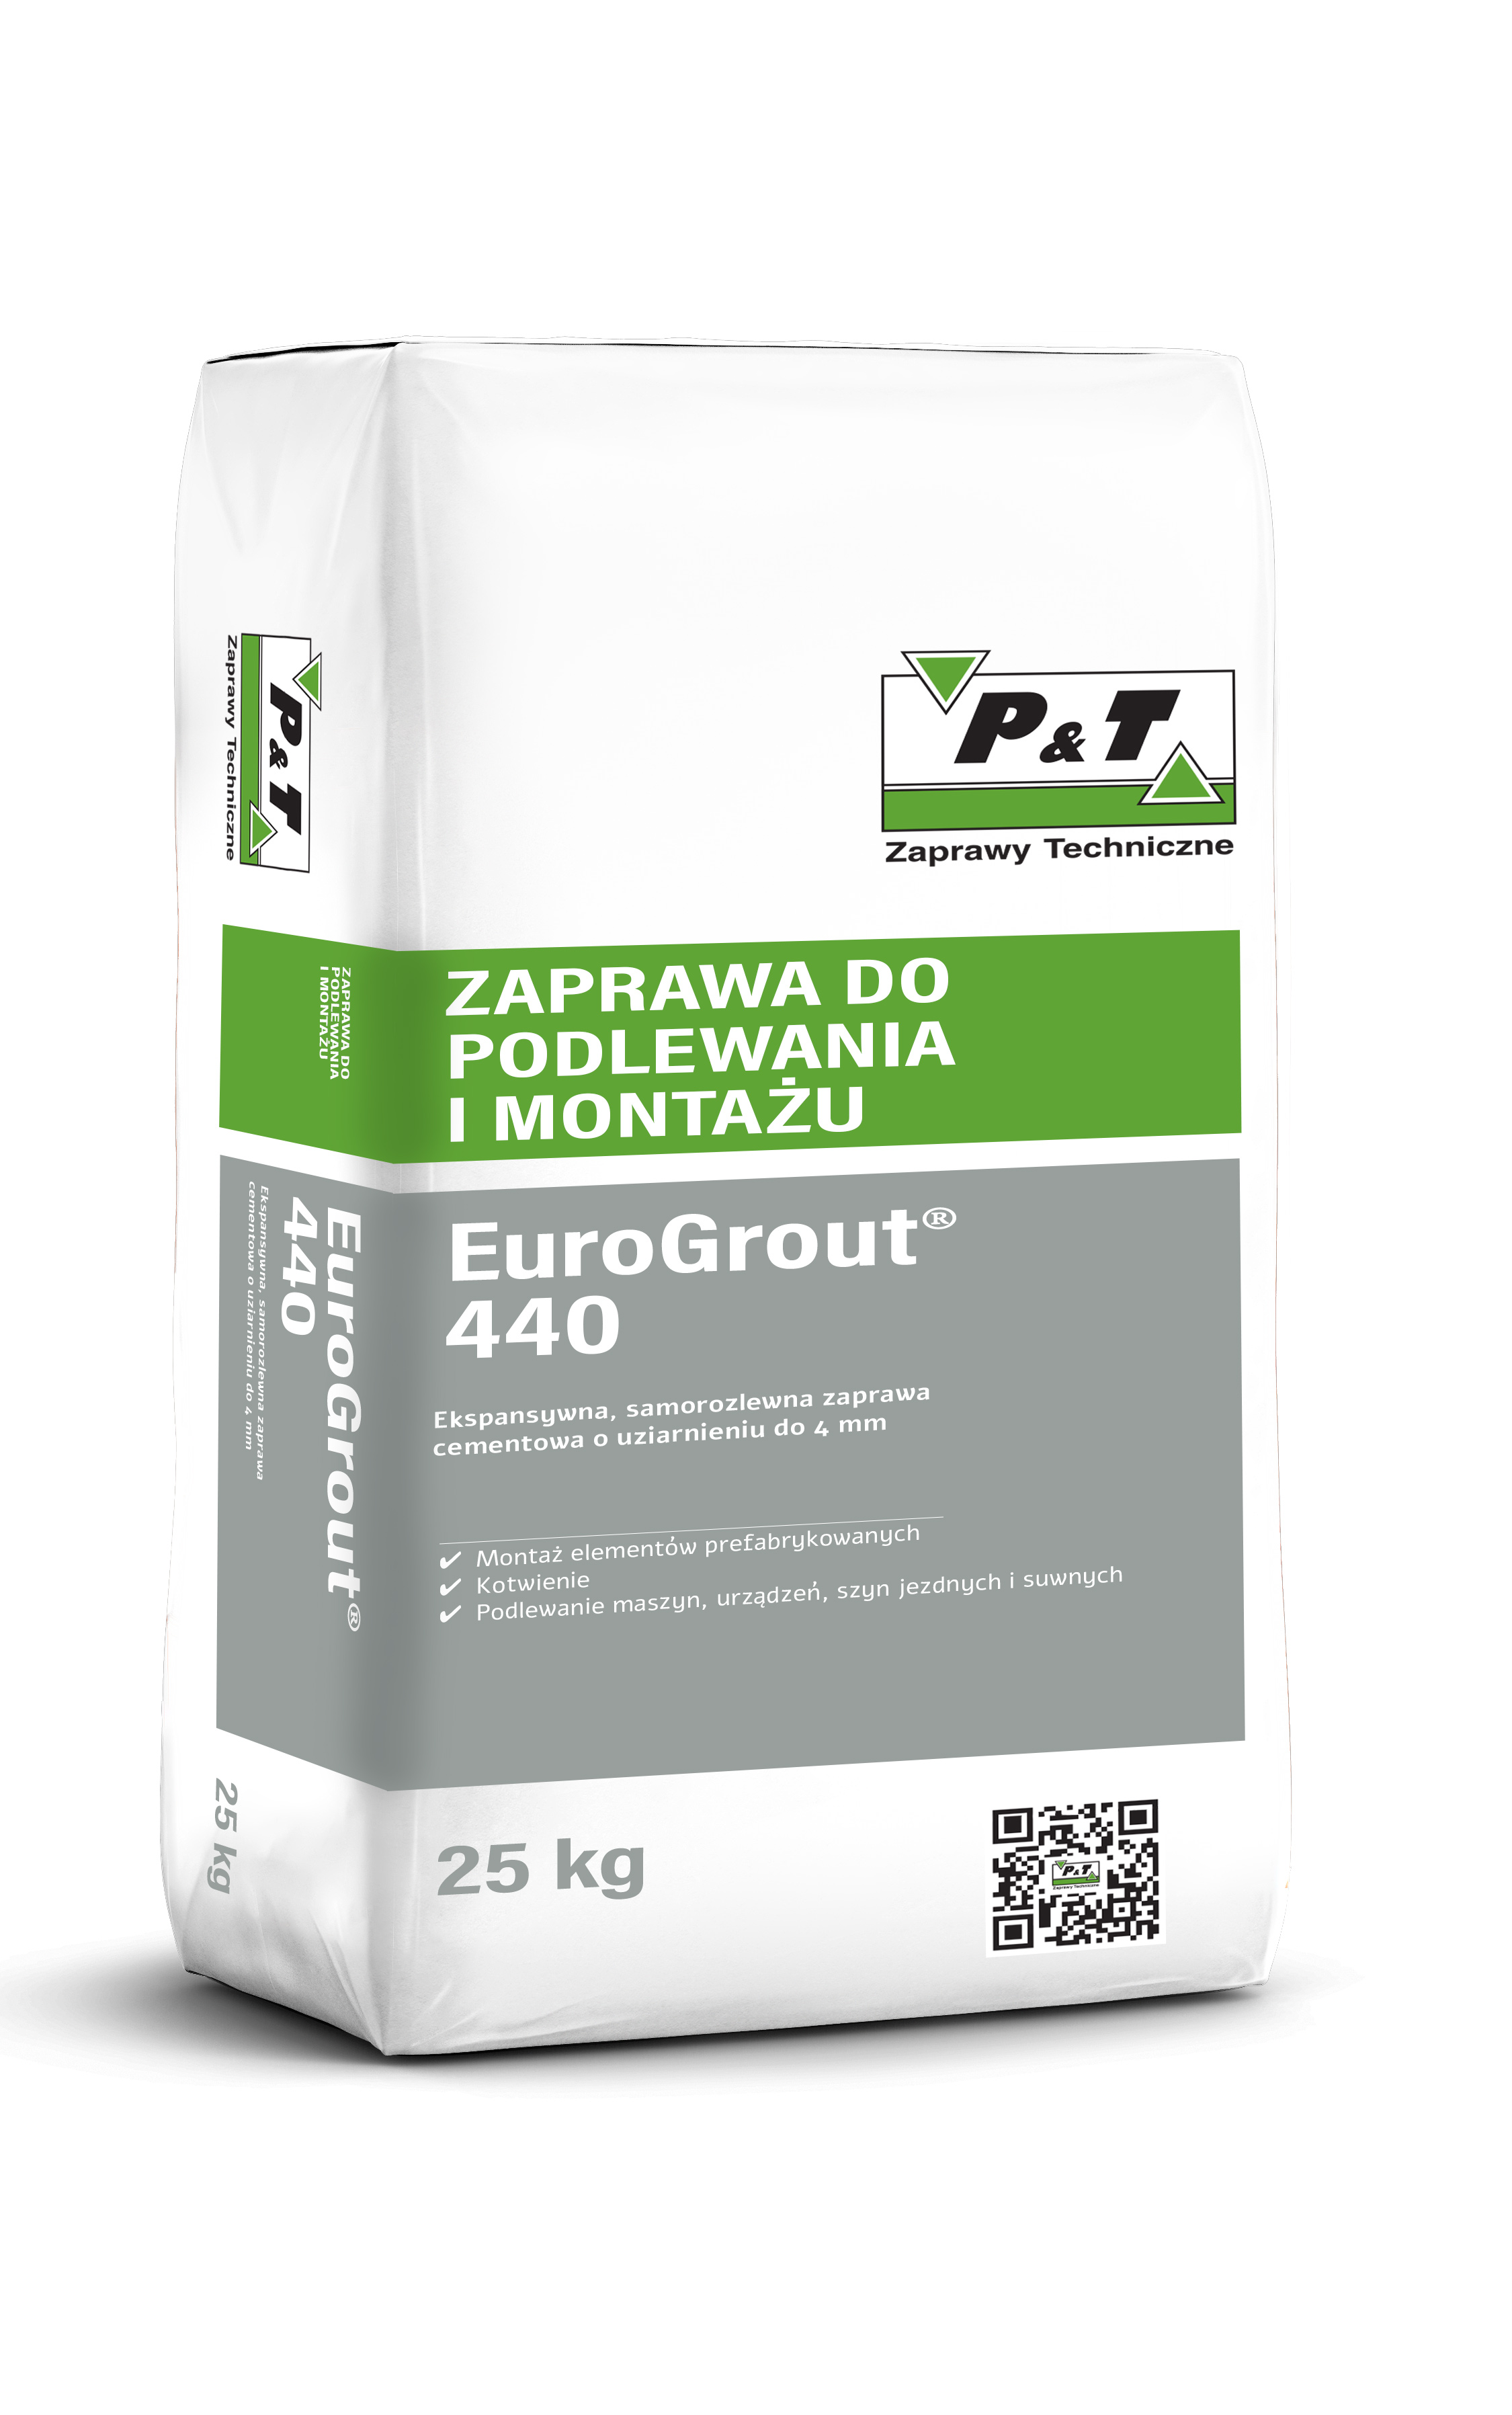 EuroGrout 440